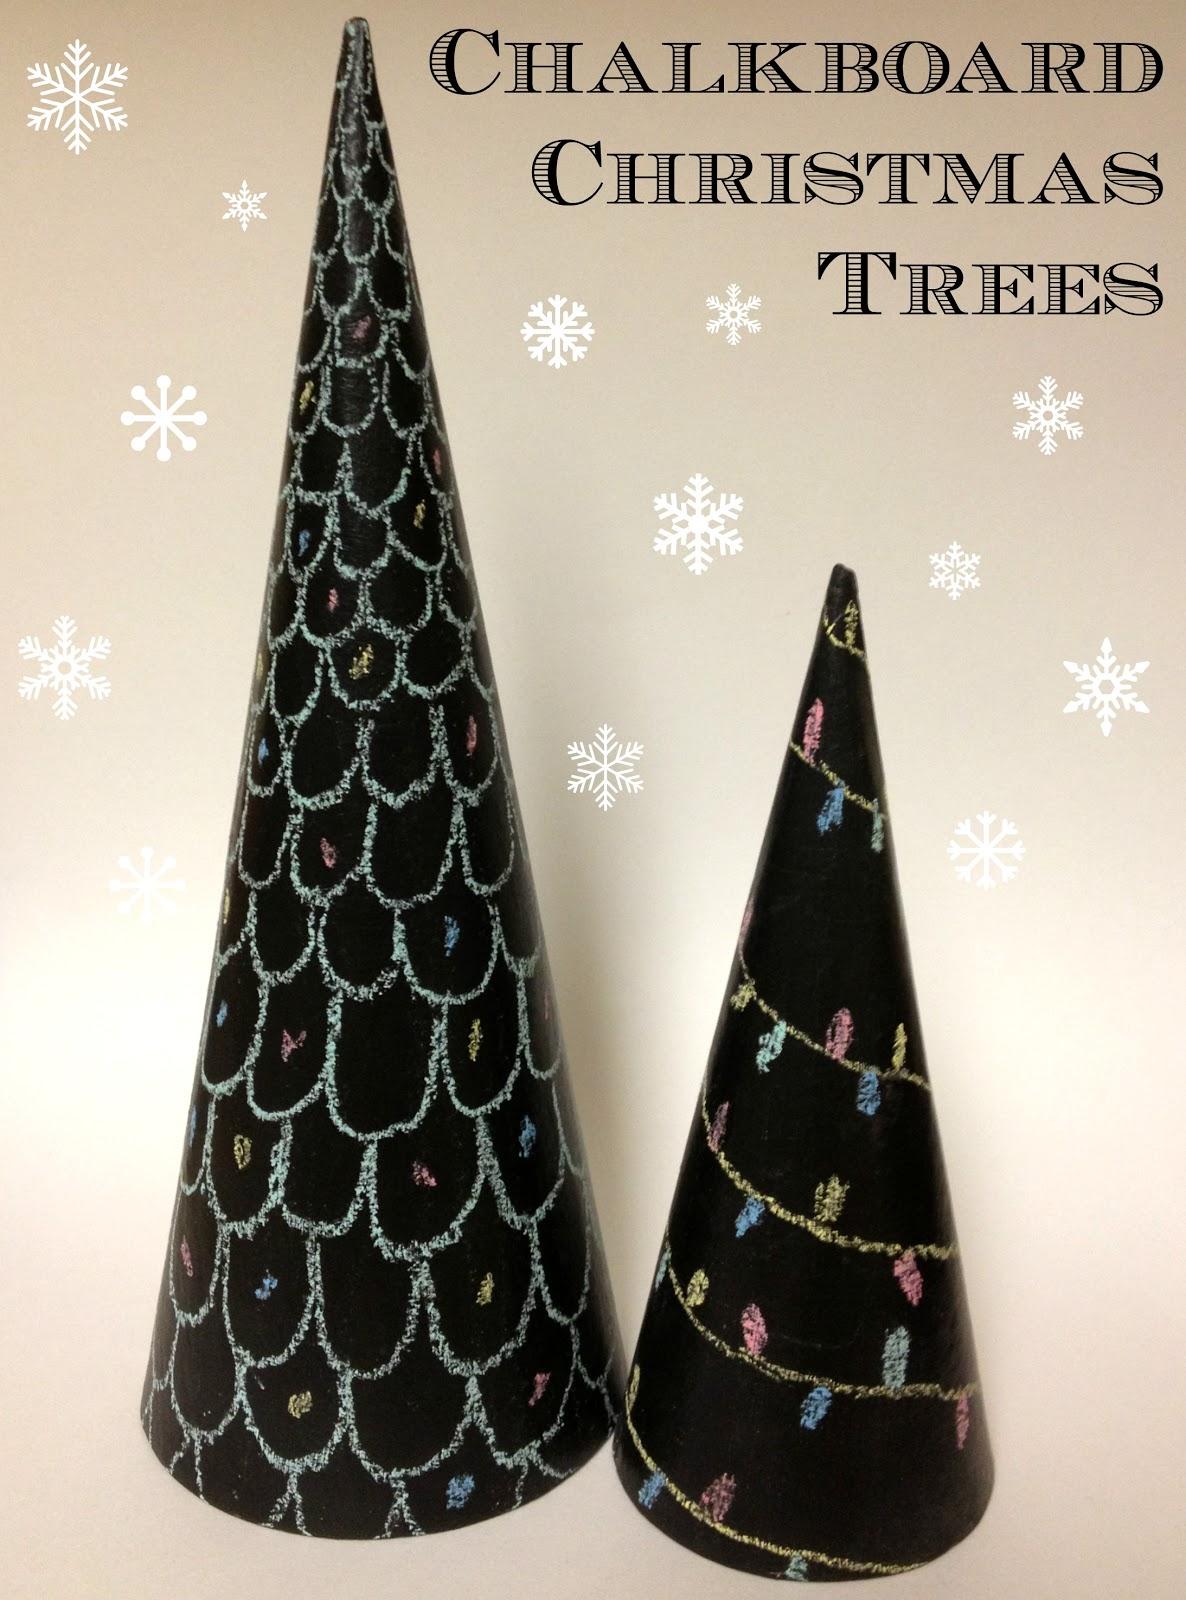 Christmas Tree with Lauren – Chalkboard Christmas Trees